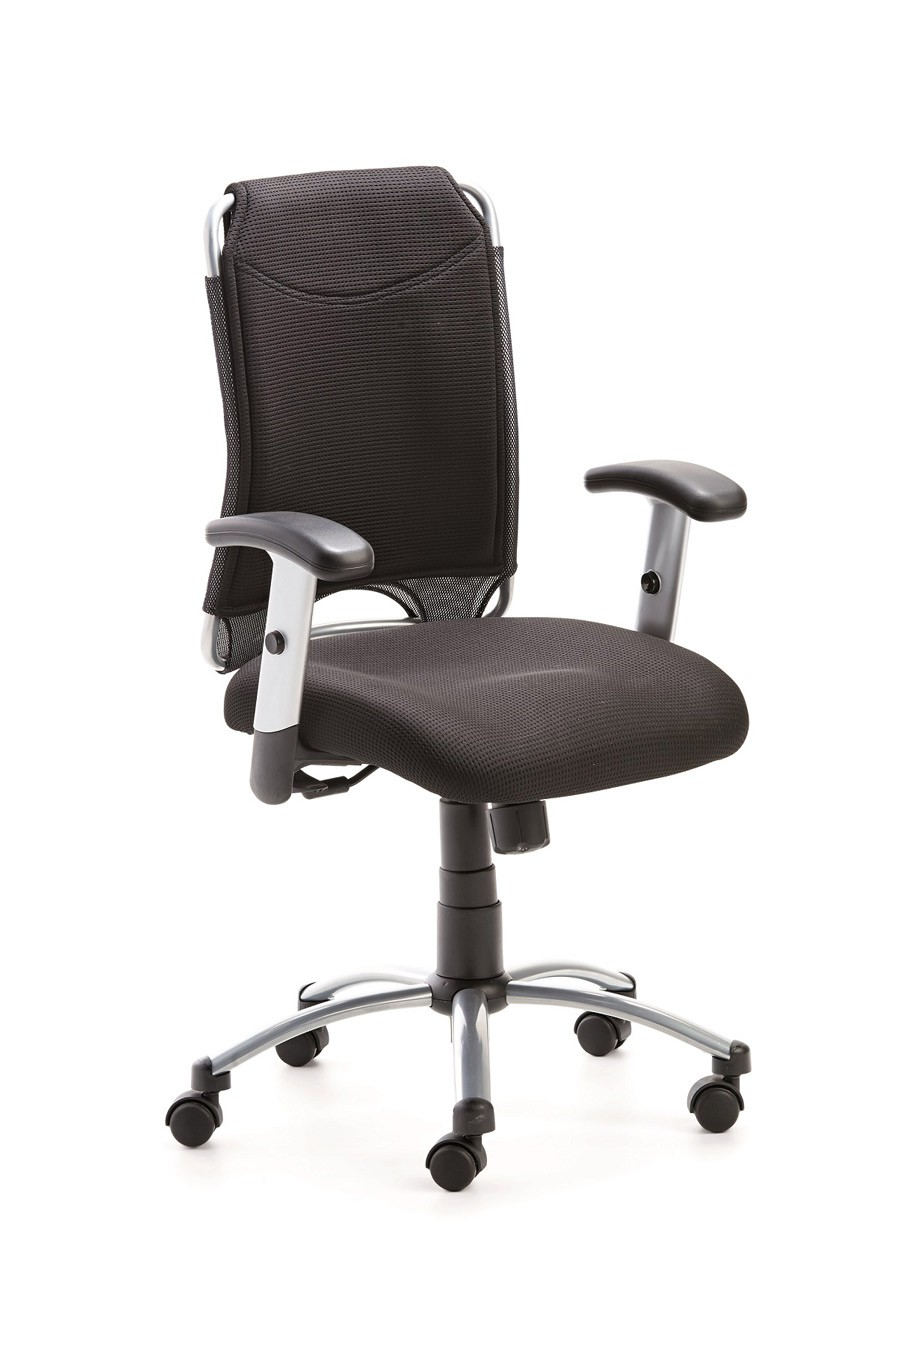 Drehstuhl Spirit 2275, Farbbeispiel schwarz / schwarz (Dieses Angebot ohne Armlehnen, leider gibt es keine Bilder ohne Armlehnen)